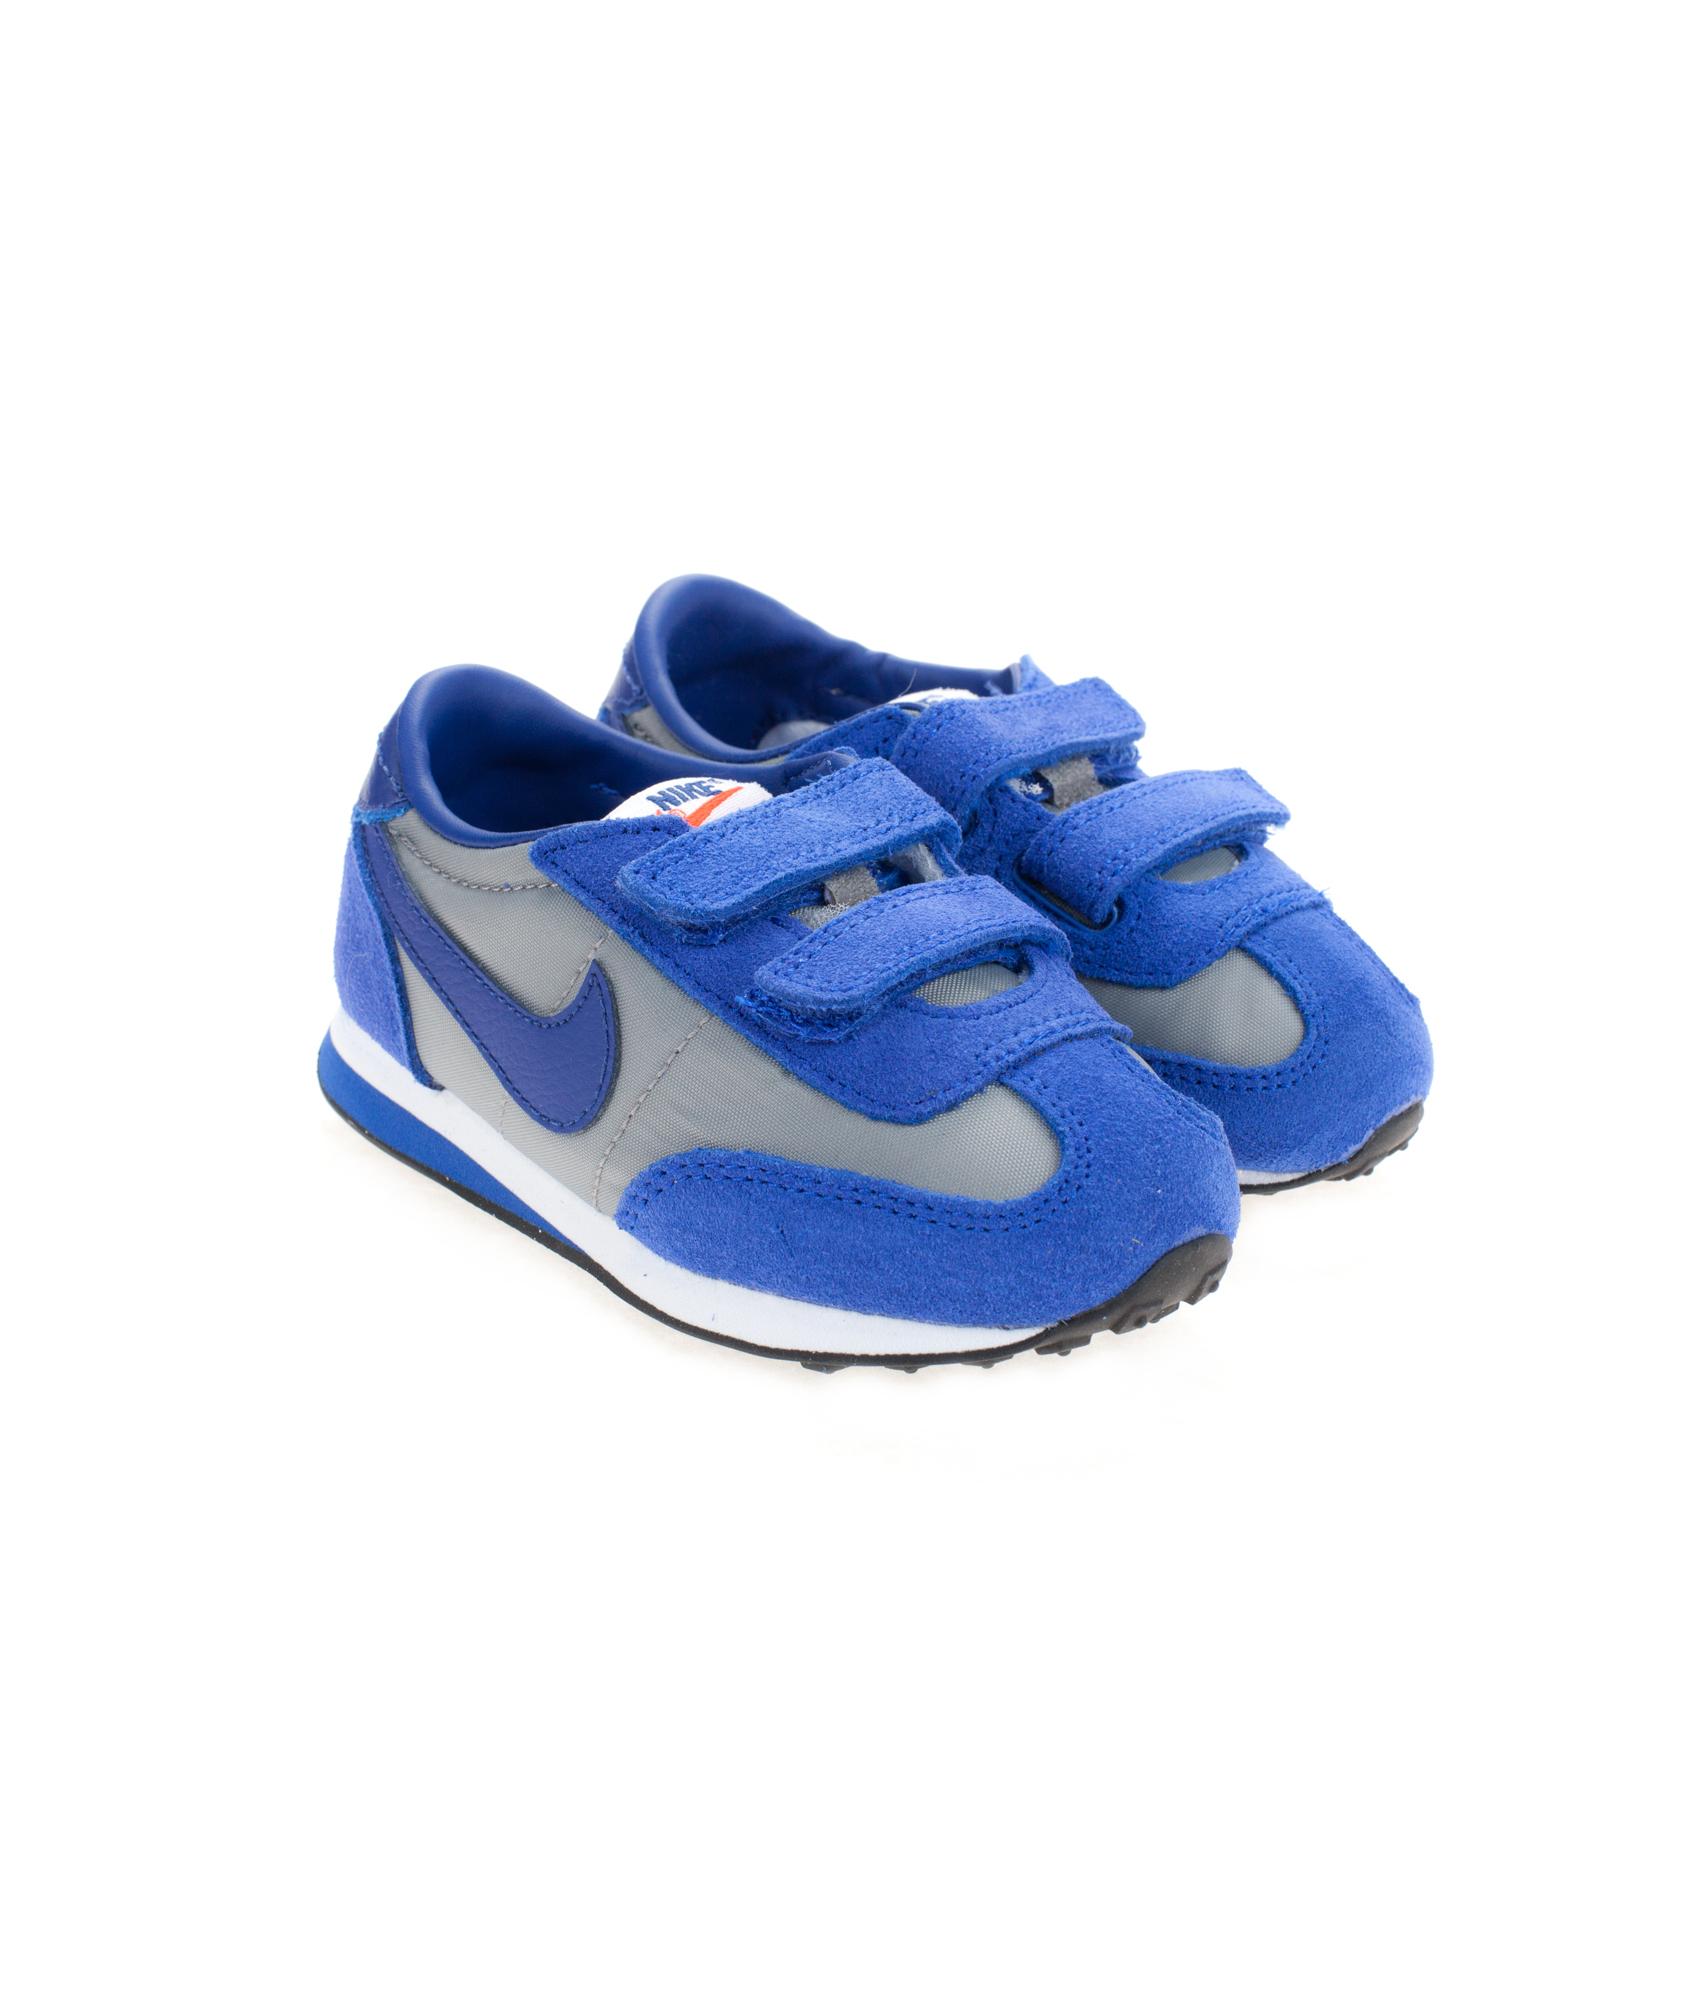 Кроссовки для малышей Nike  MACH RUNNER, Цвет-Синий, Размер-9C